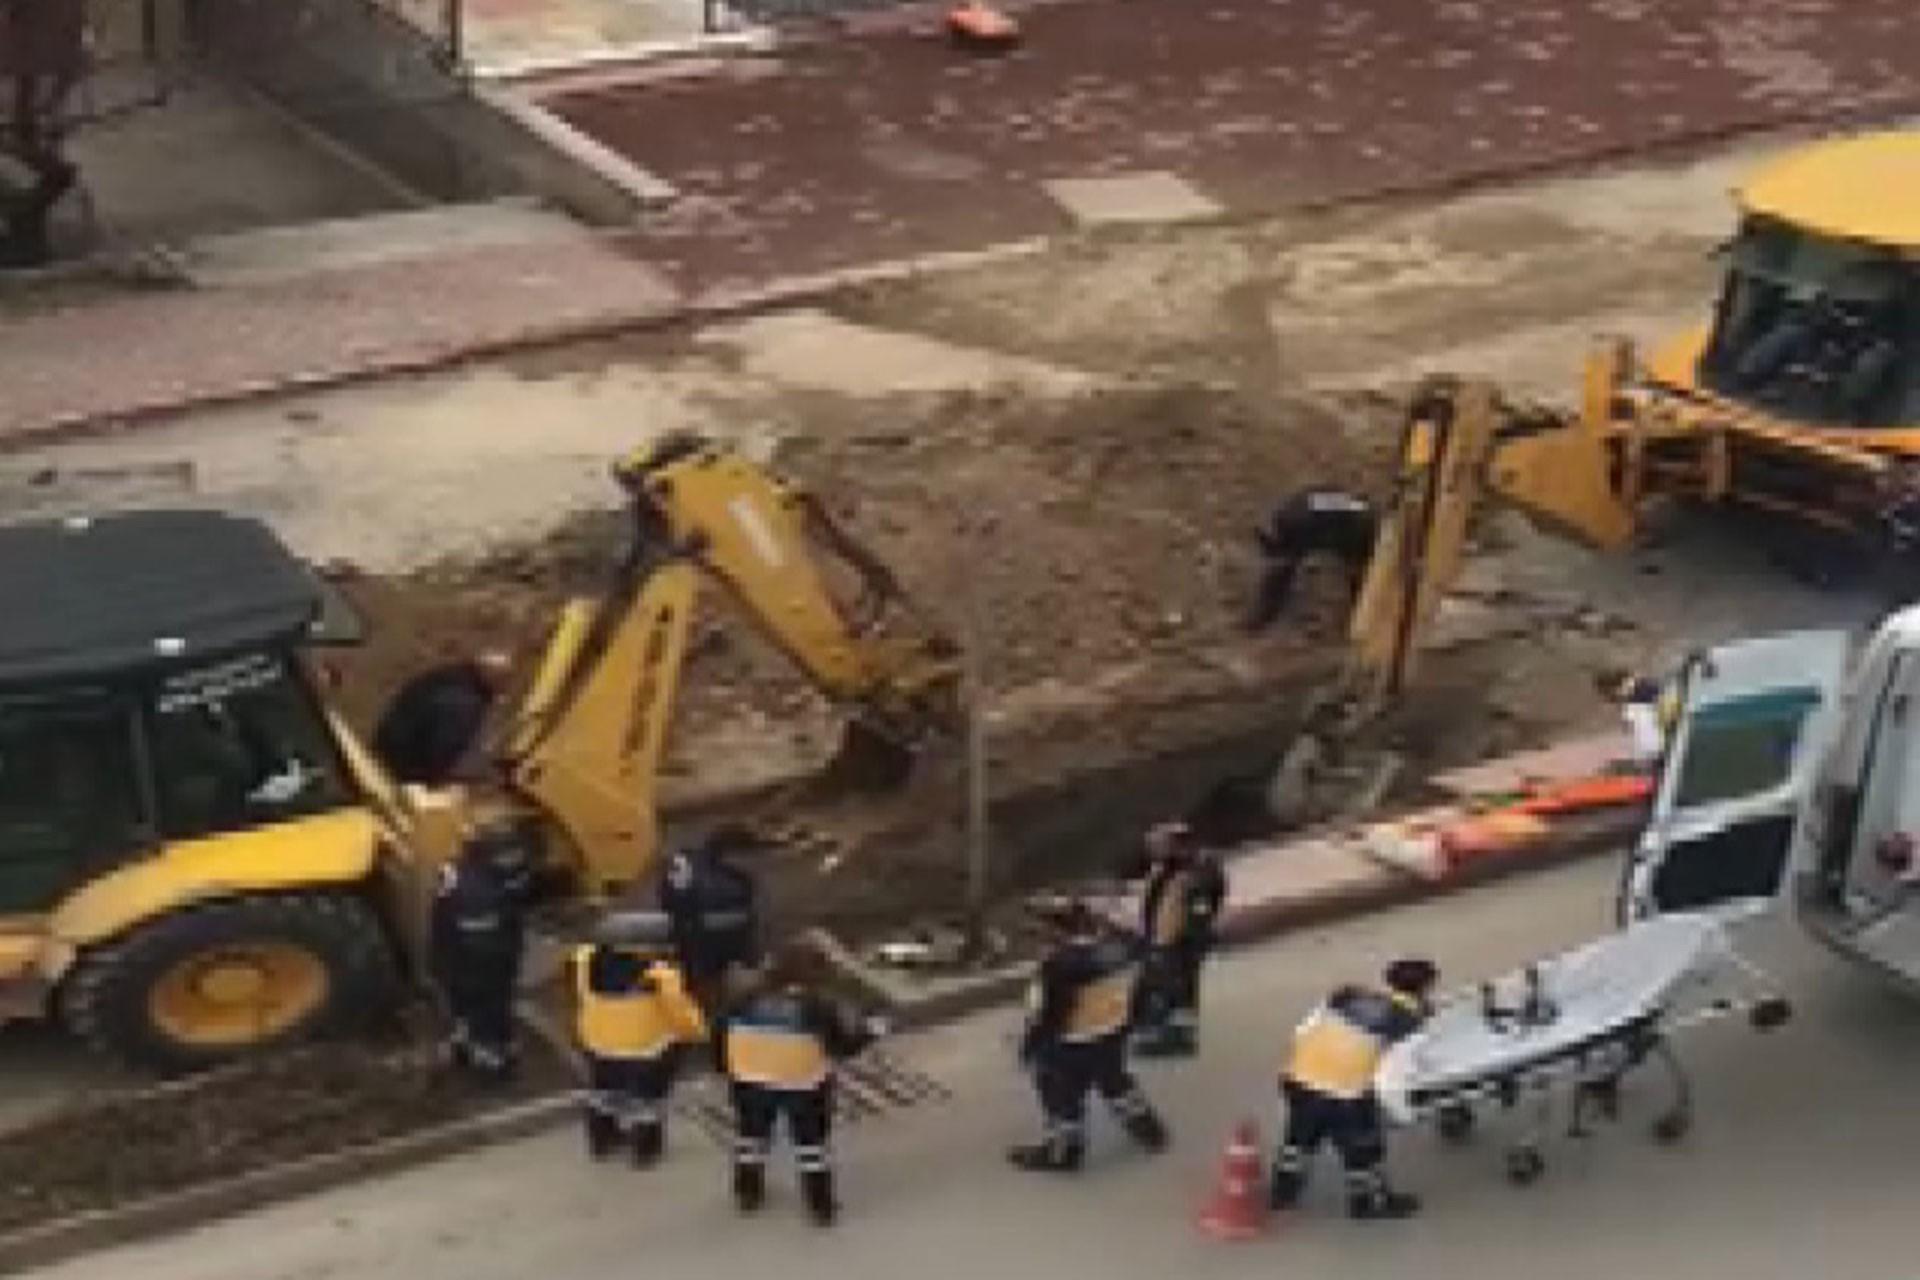 Kanalizasyon çukuruna düşen işçileri kurtarma çalışması